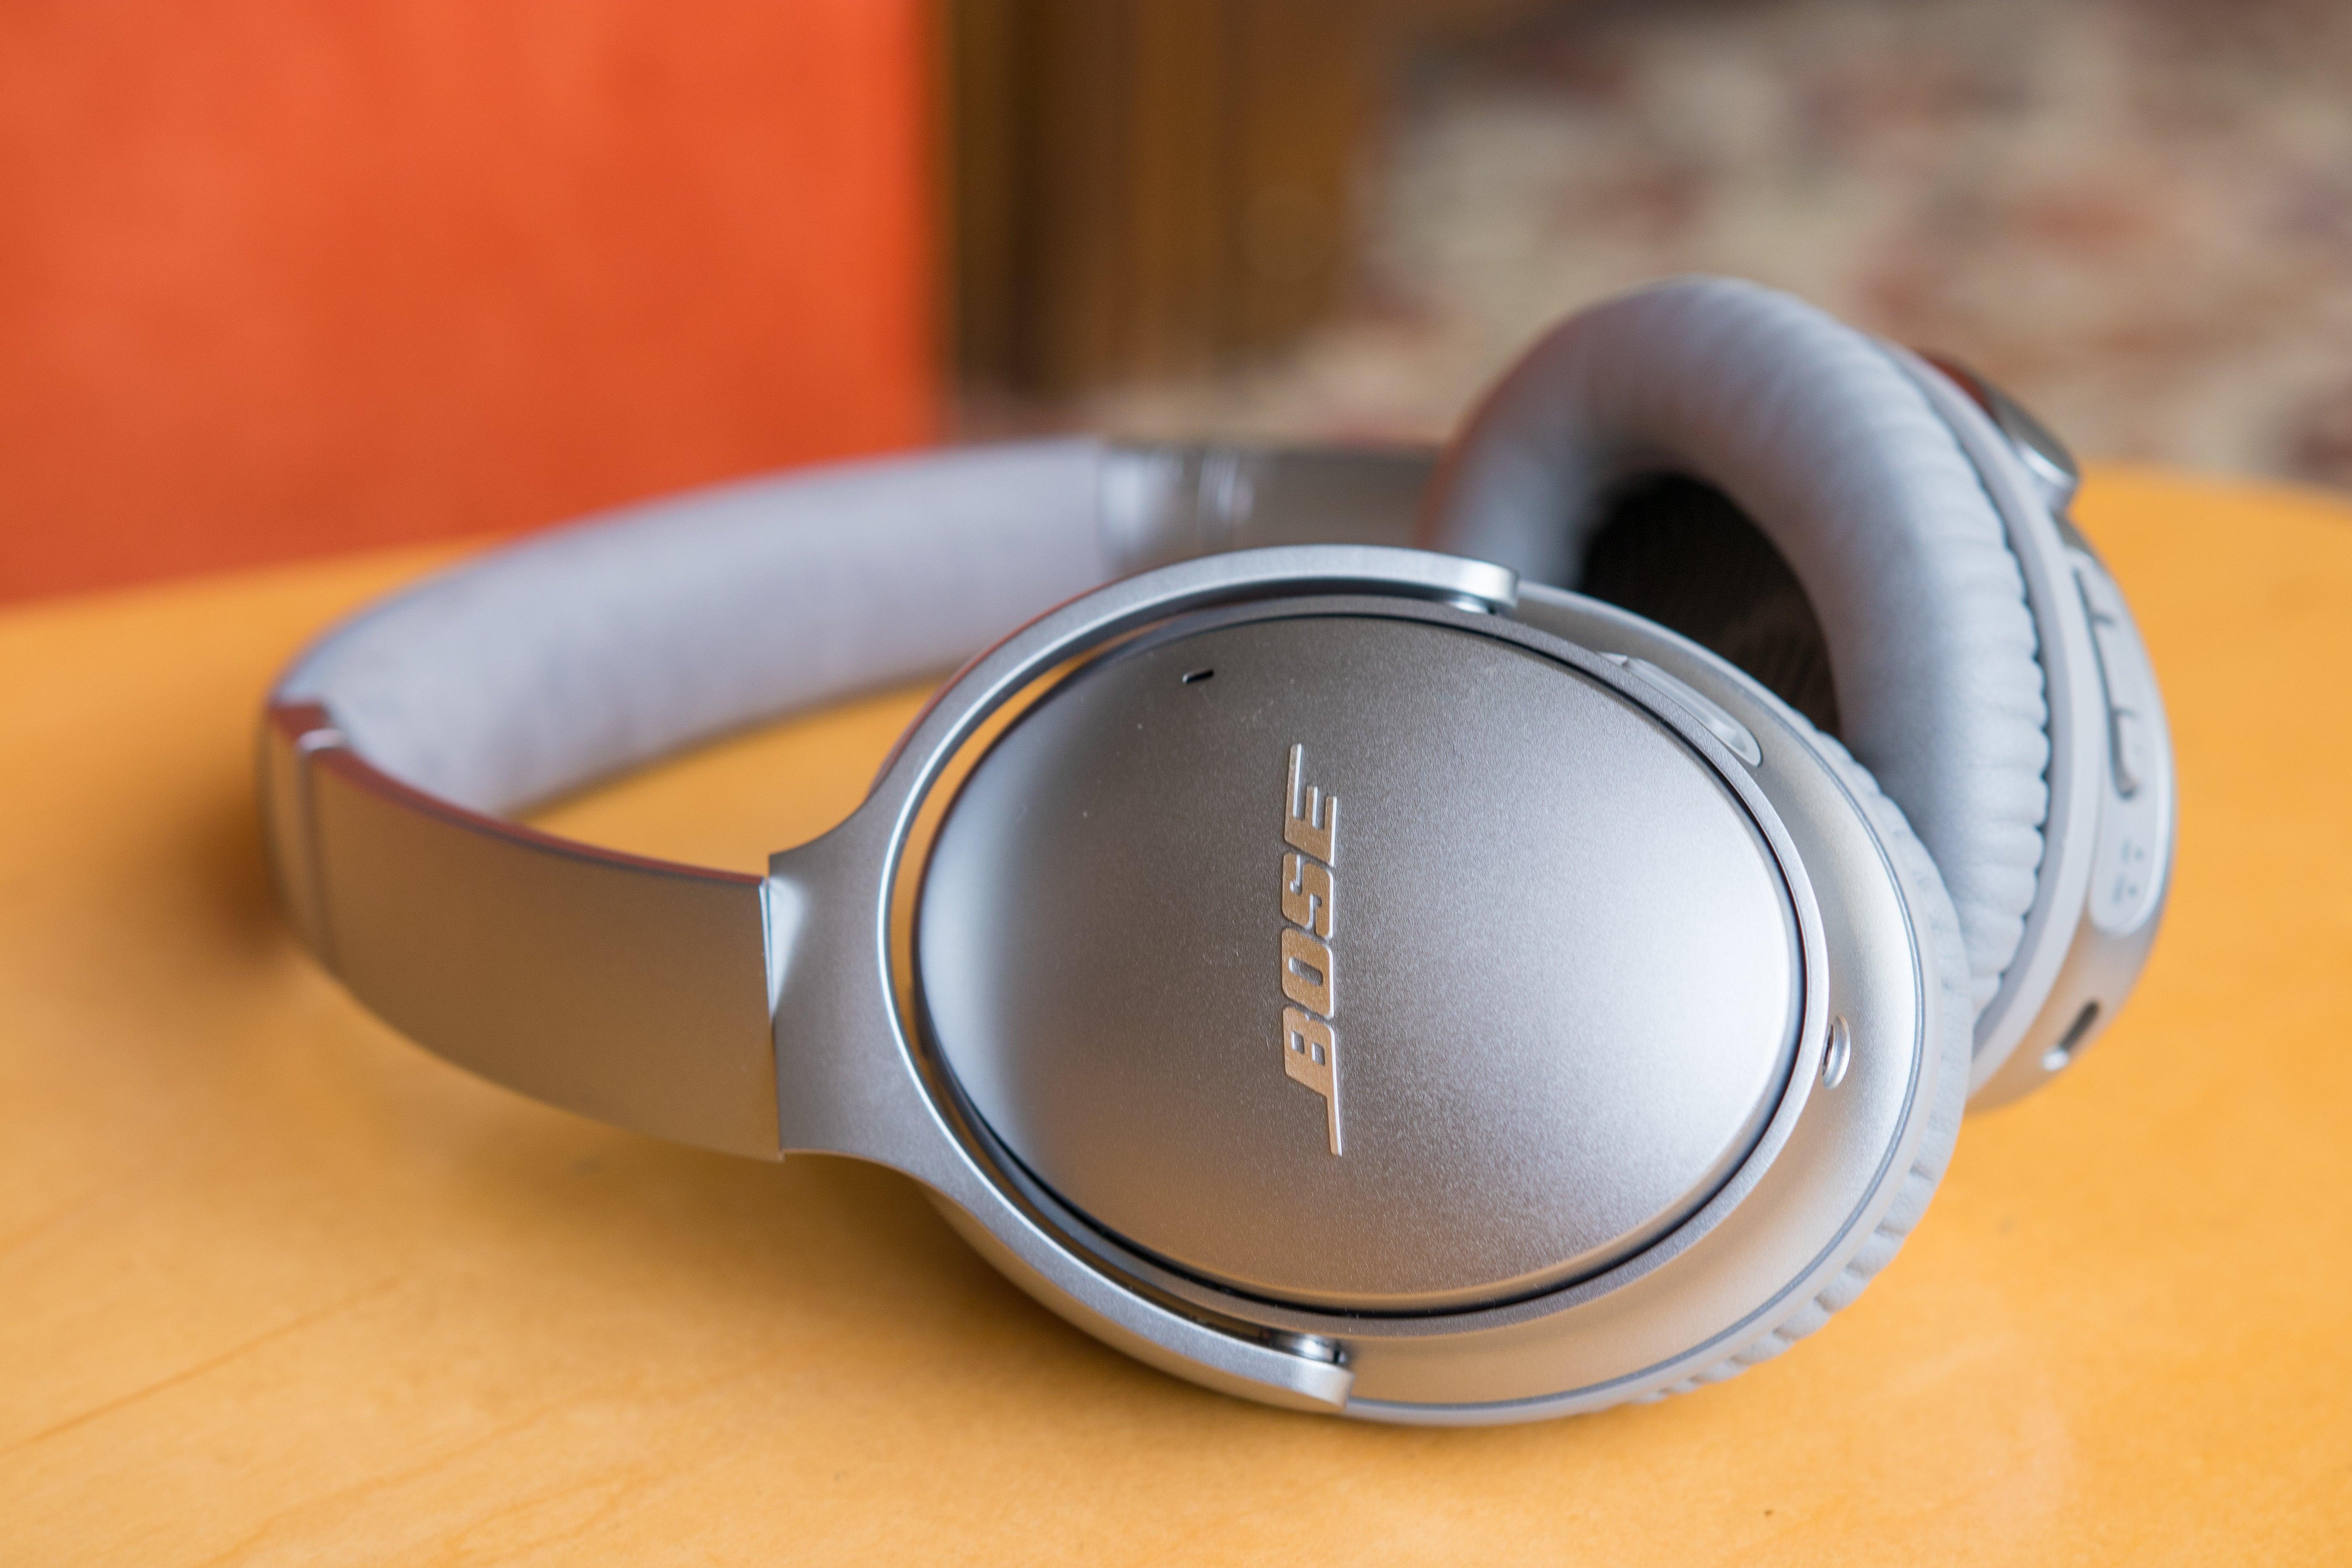 Bose QuietComfort 35 Series II Headphones